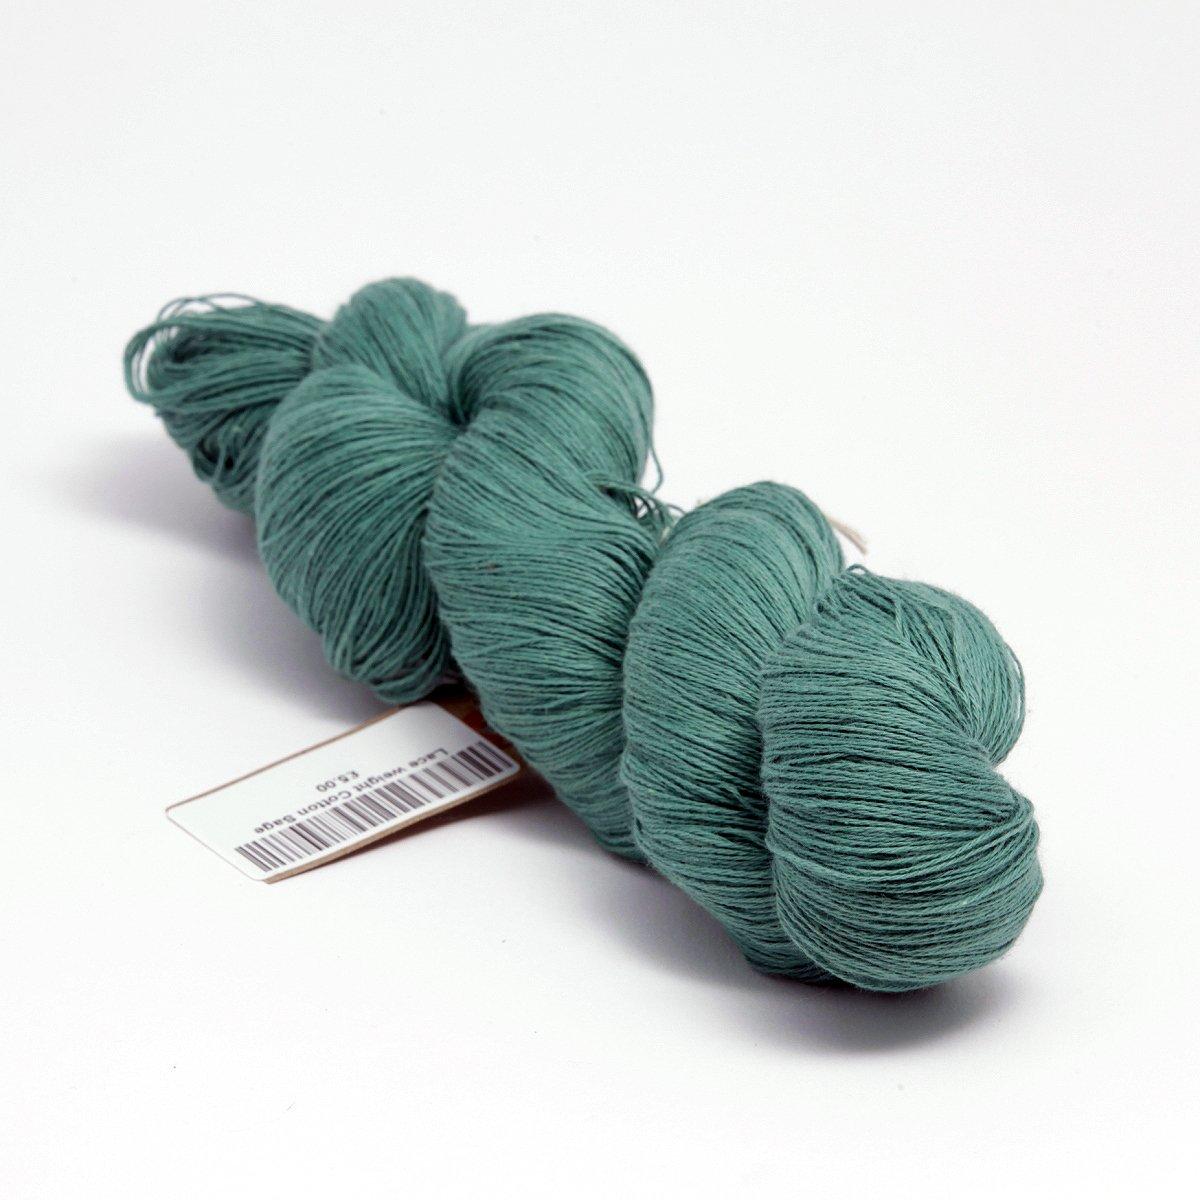 Lace weight cotton knitting yarn